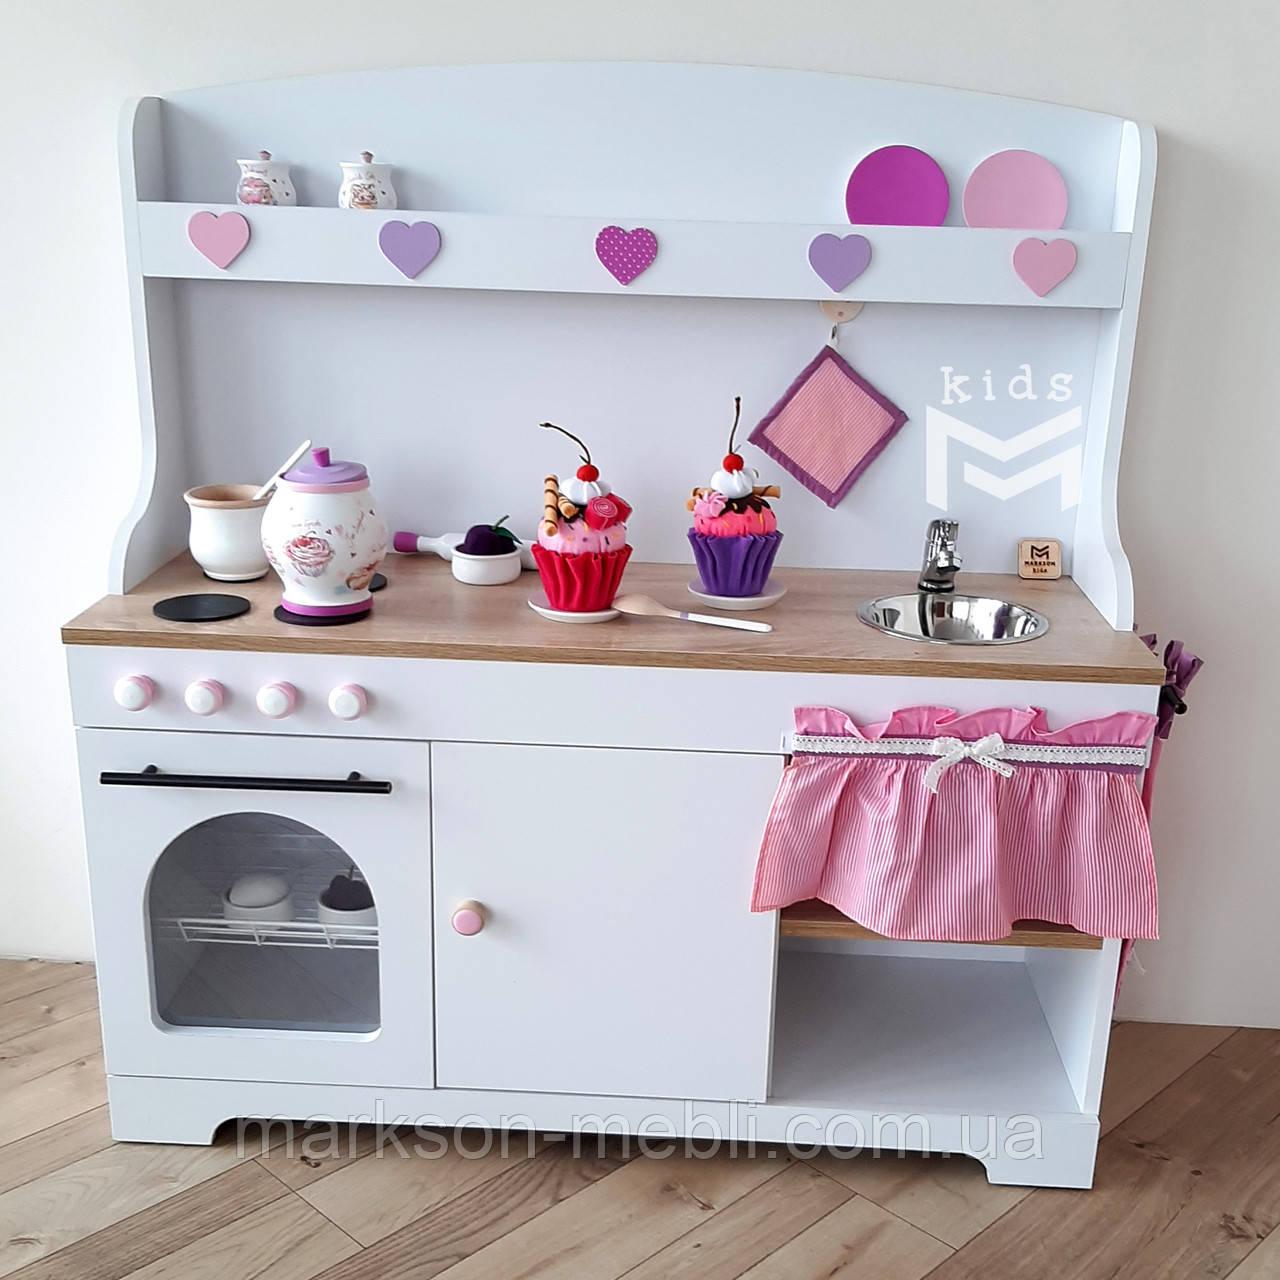 Дитяча ігрова кухня Markson kids - Cake BIG